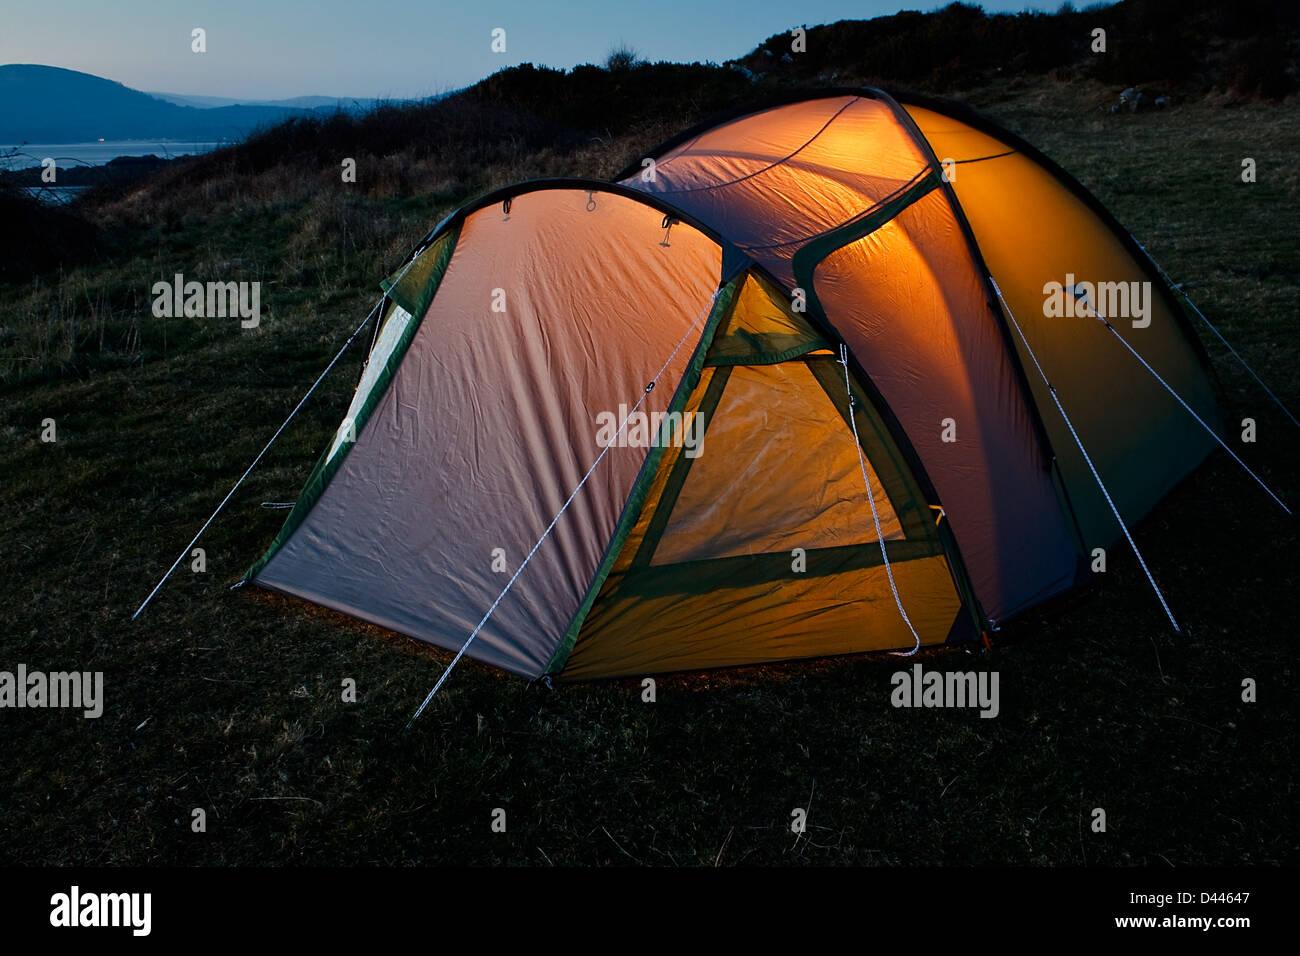 Tenda Nylon impostato per una vacanza in campeggio a grande all'aperto pronto per una bella notte sotto le stelle Immagini Stock